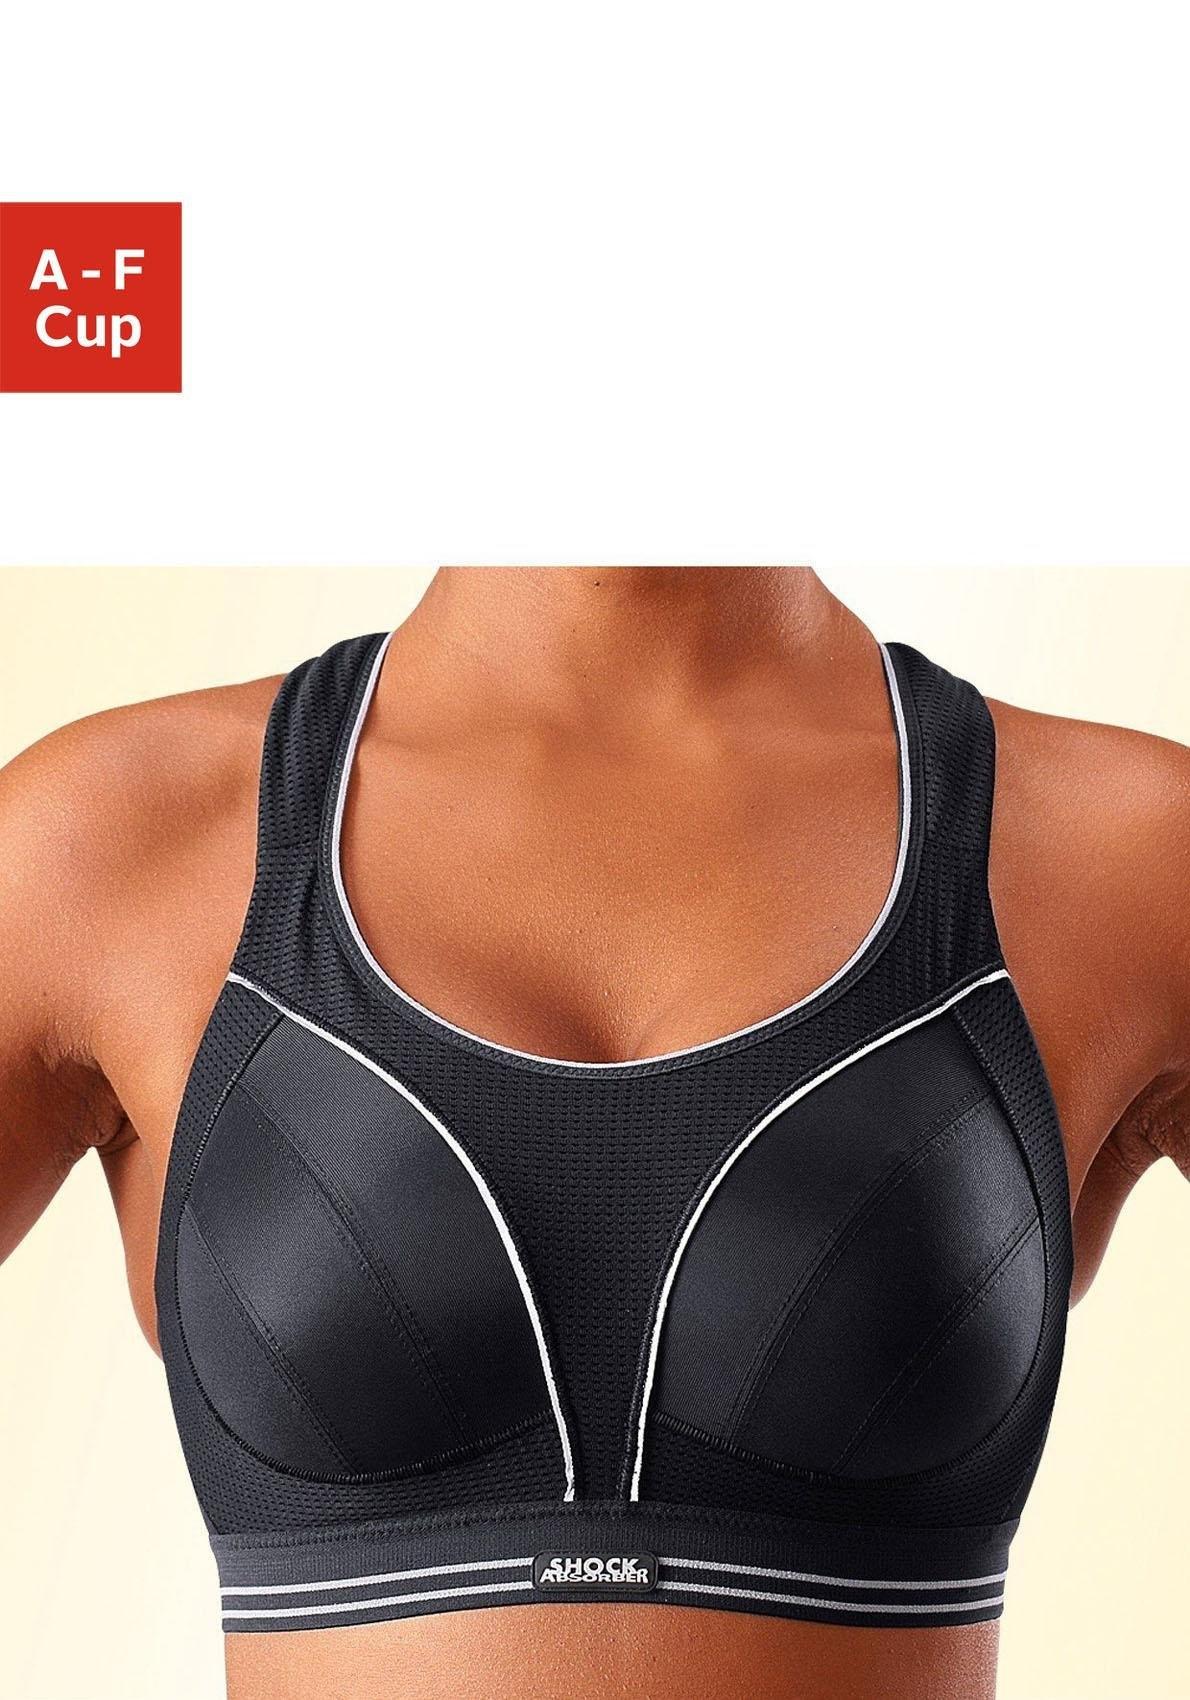 Shock Absorber Sport-bh Run zonder beugels, de ideale beha voor loopsporten en takken van sport met sterke belasting in de webshop van Lascana kopen